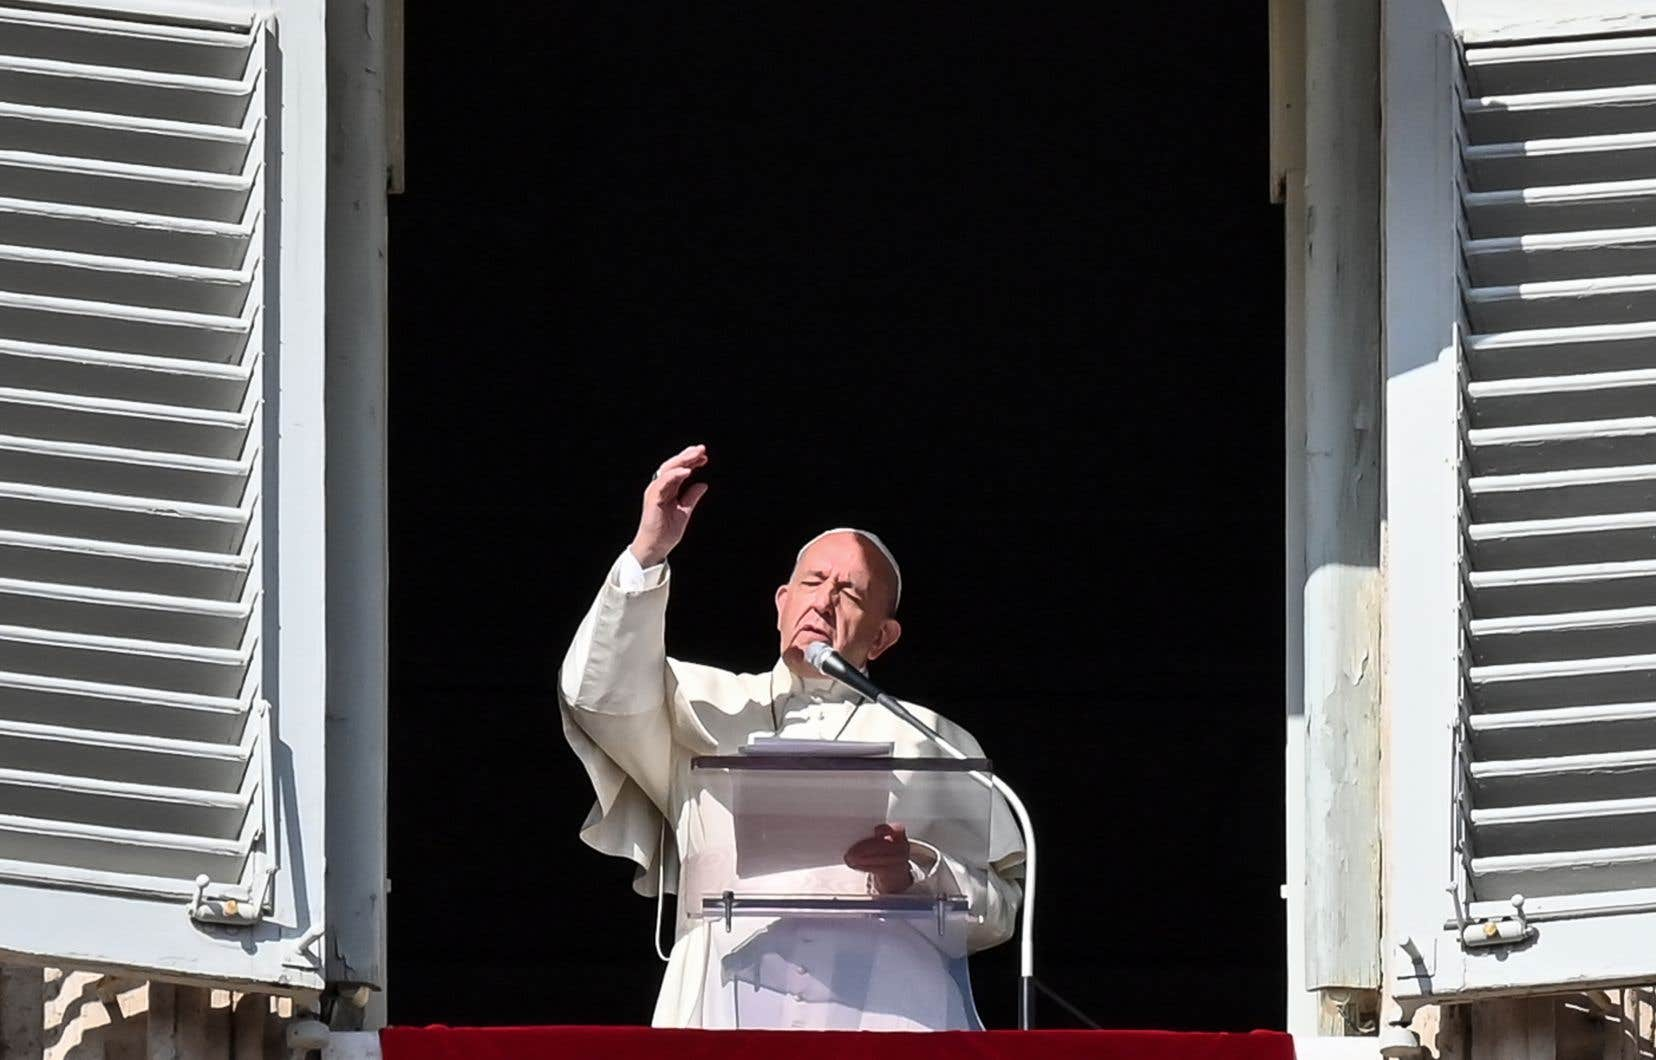 Le pape François a prononcé son message dimanche sur la place Saint-Pierre après la traditionnelle prière de l'angélus.